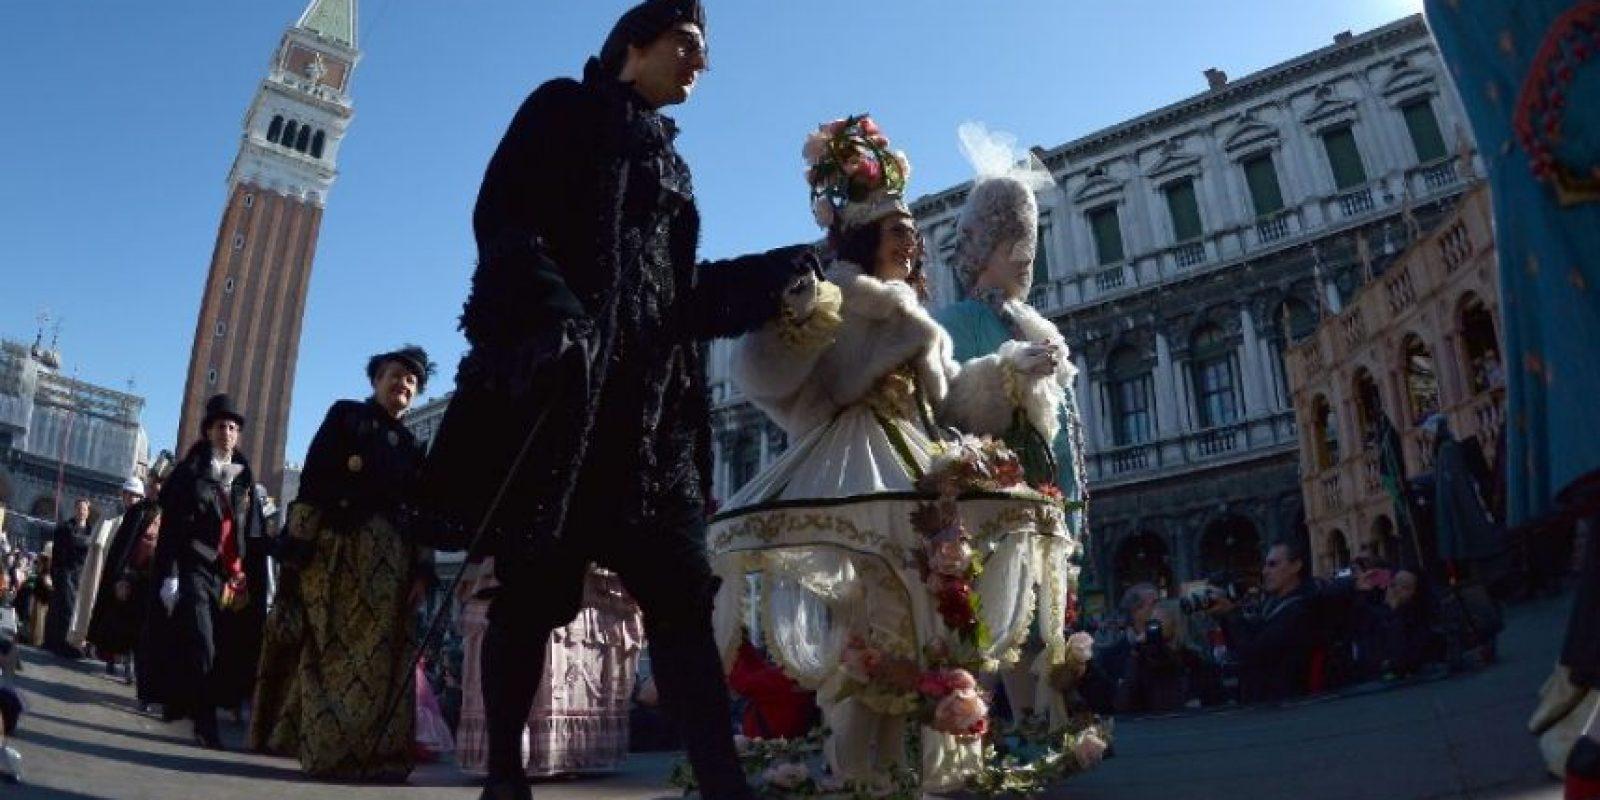 En los días del carnaval los trajes y las máscaras son característicos del siglo XVII, estos se exhiben en las calles donde todos están invitados Foto:AFP